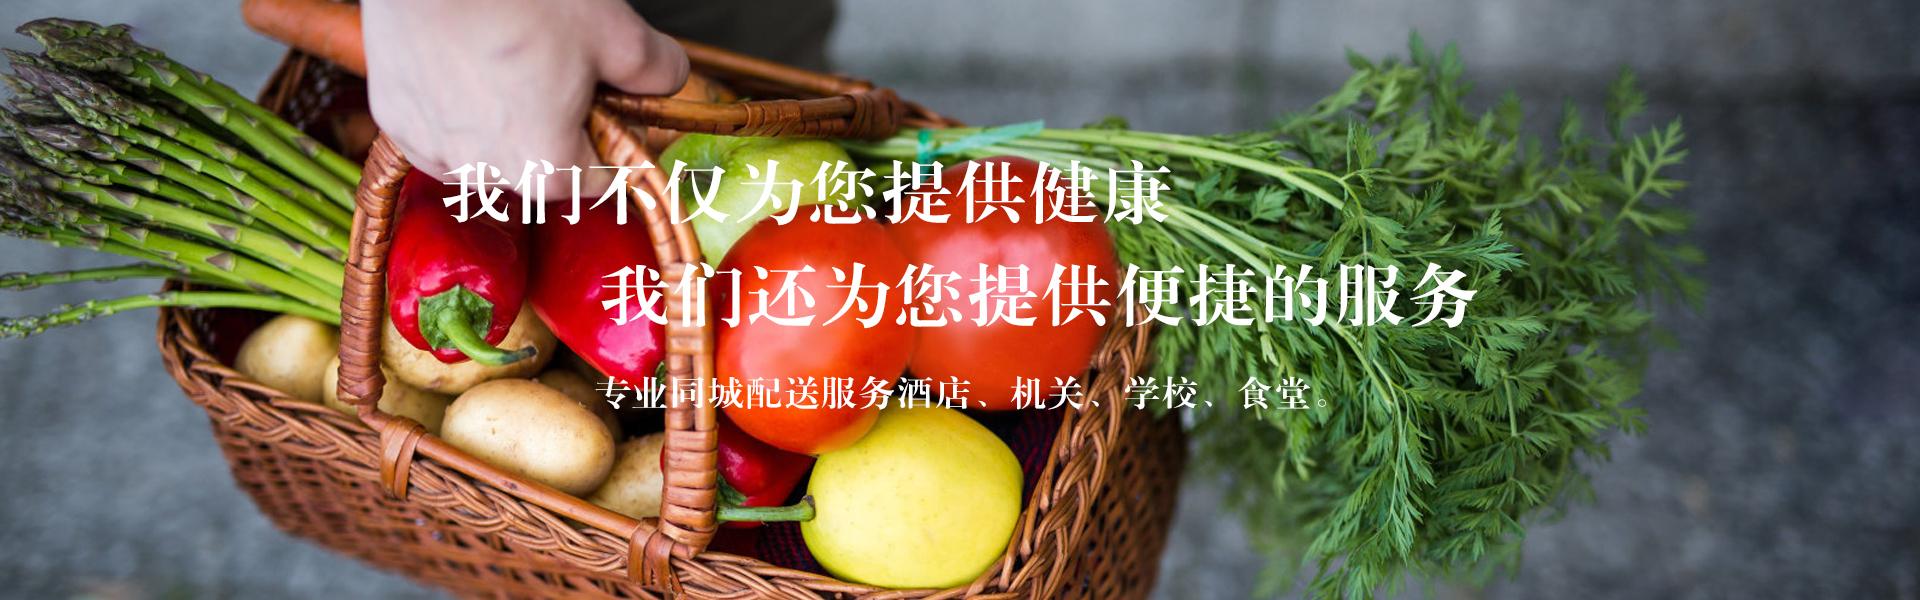 眉山有机蔬菜哪家便宜_有机销售-成都市录超农业有限责任公司